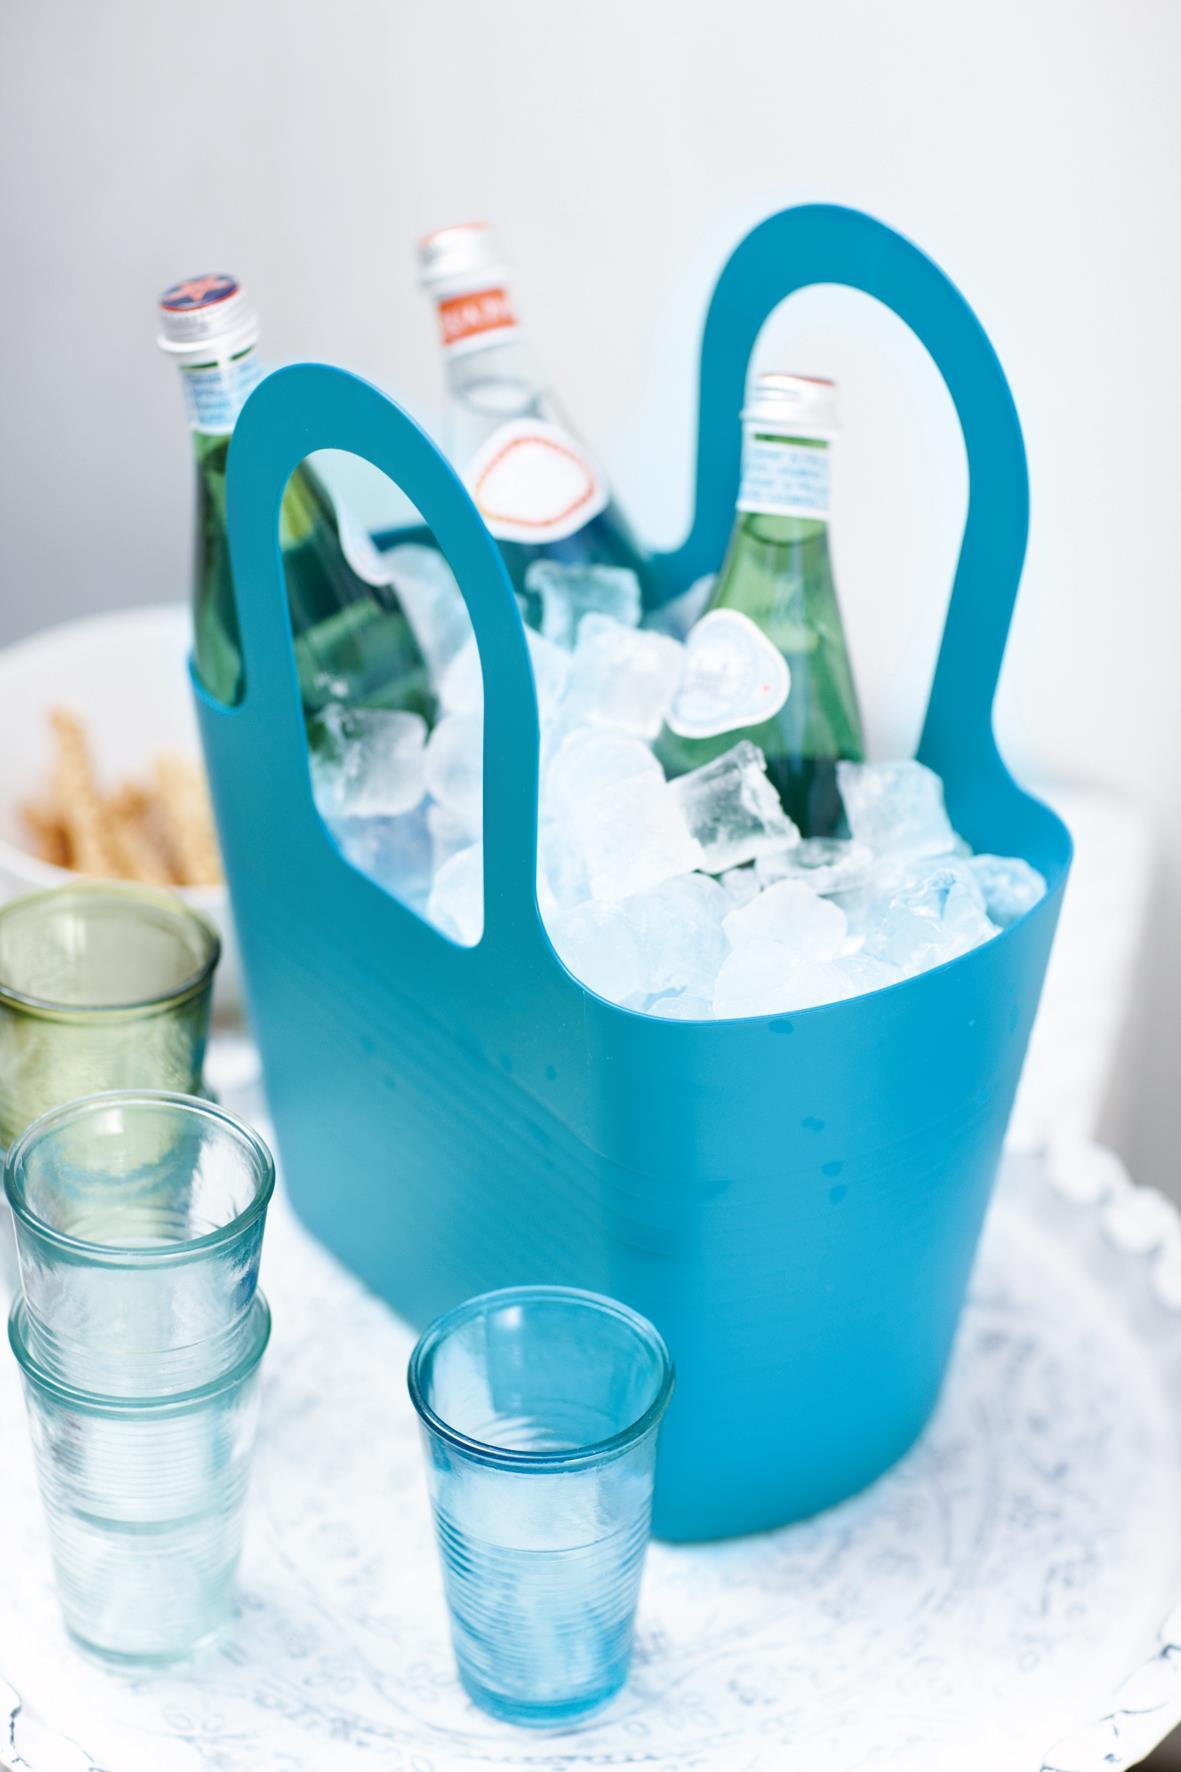 Lizzy bag folosita pentru bauturi la rece